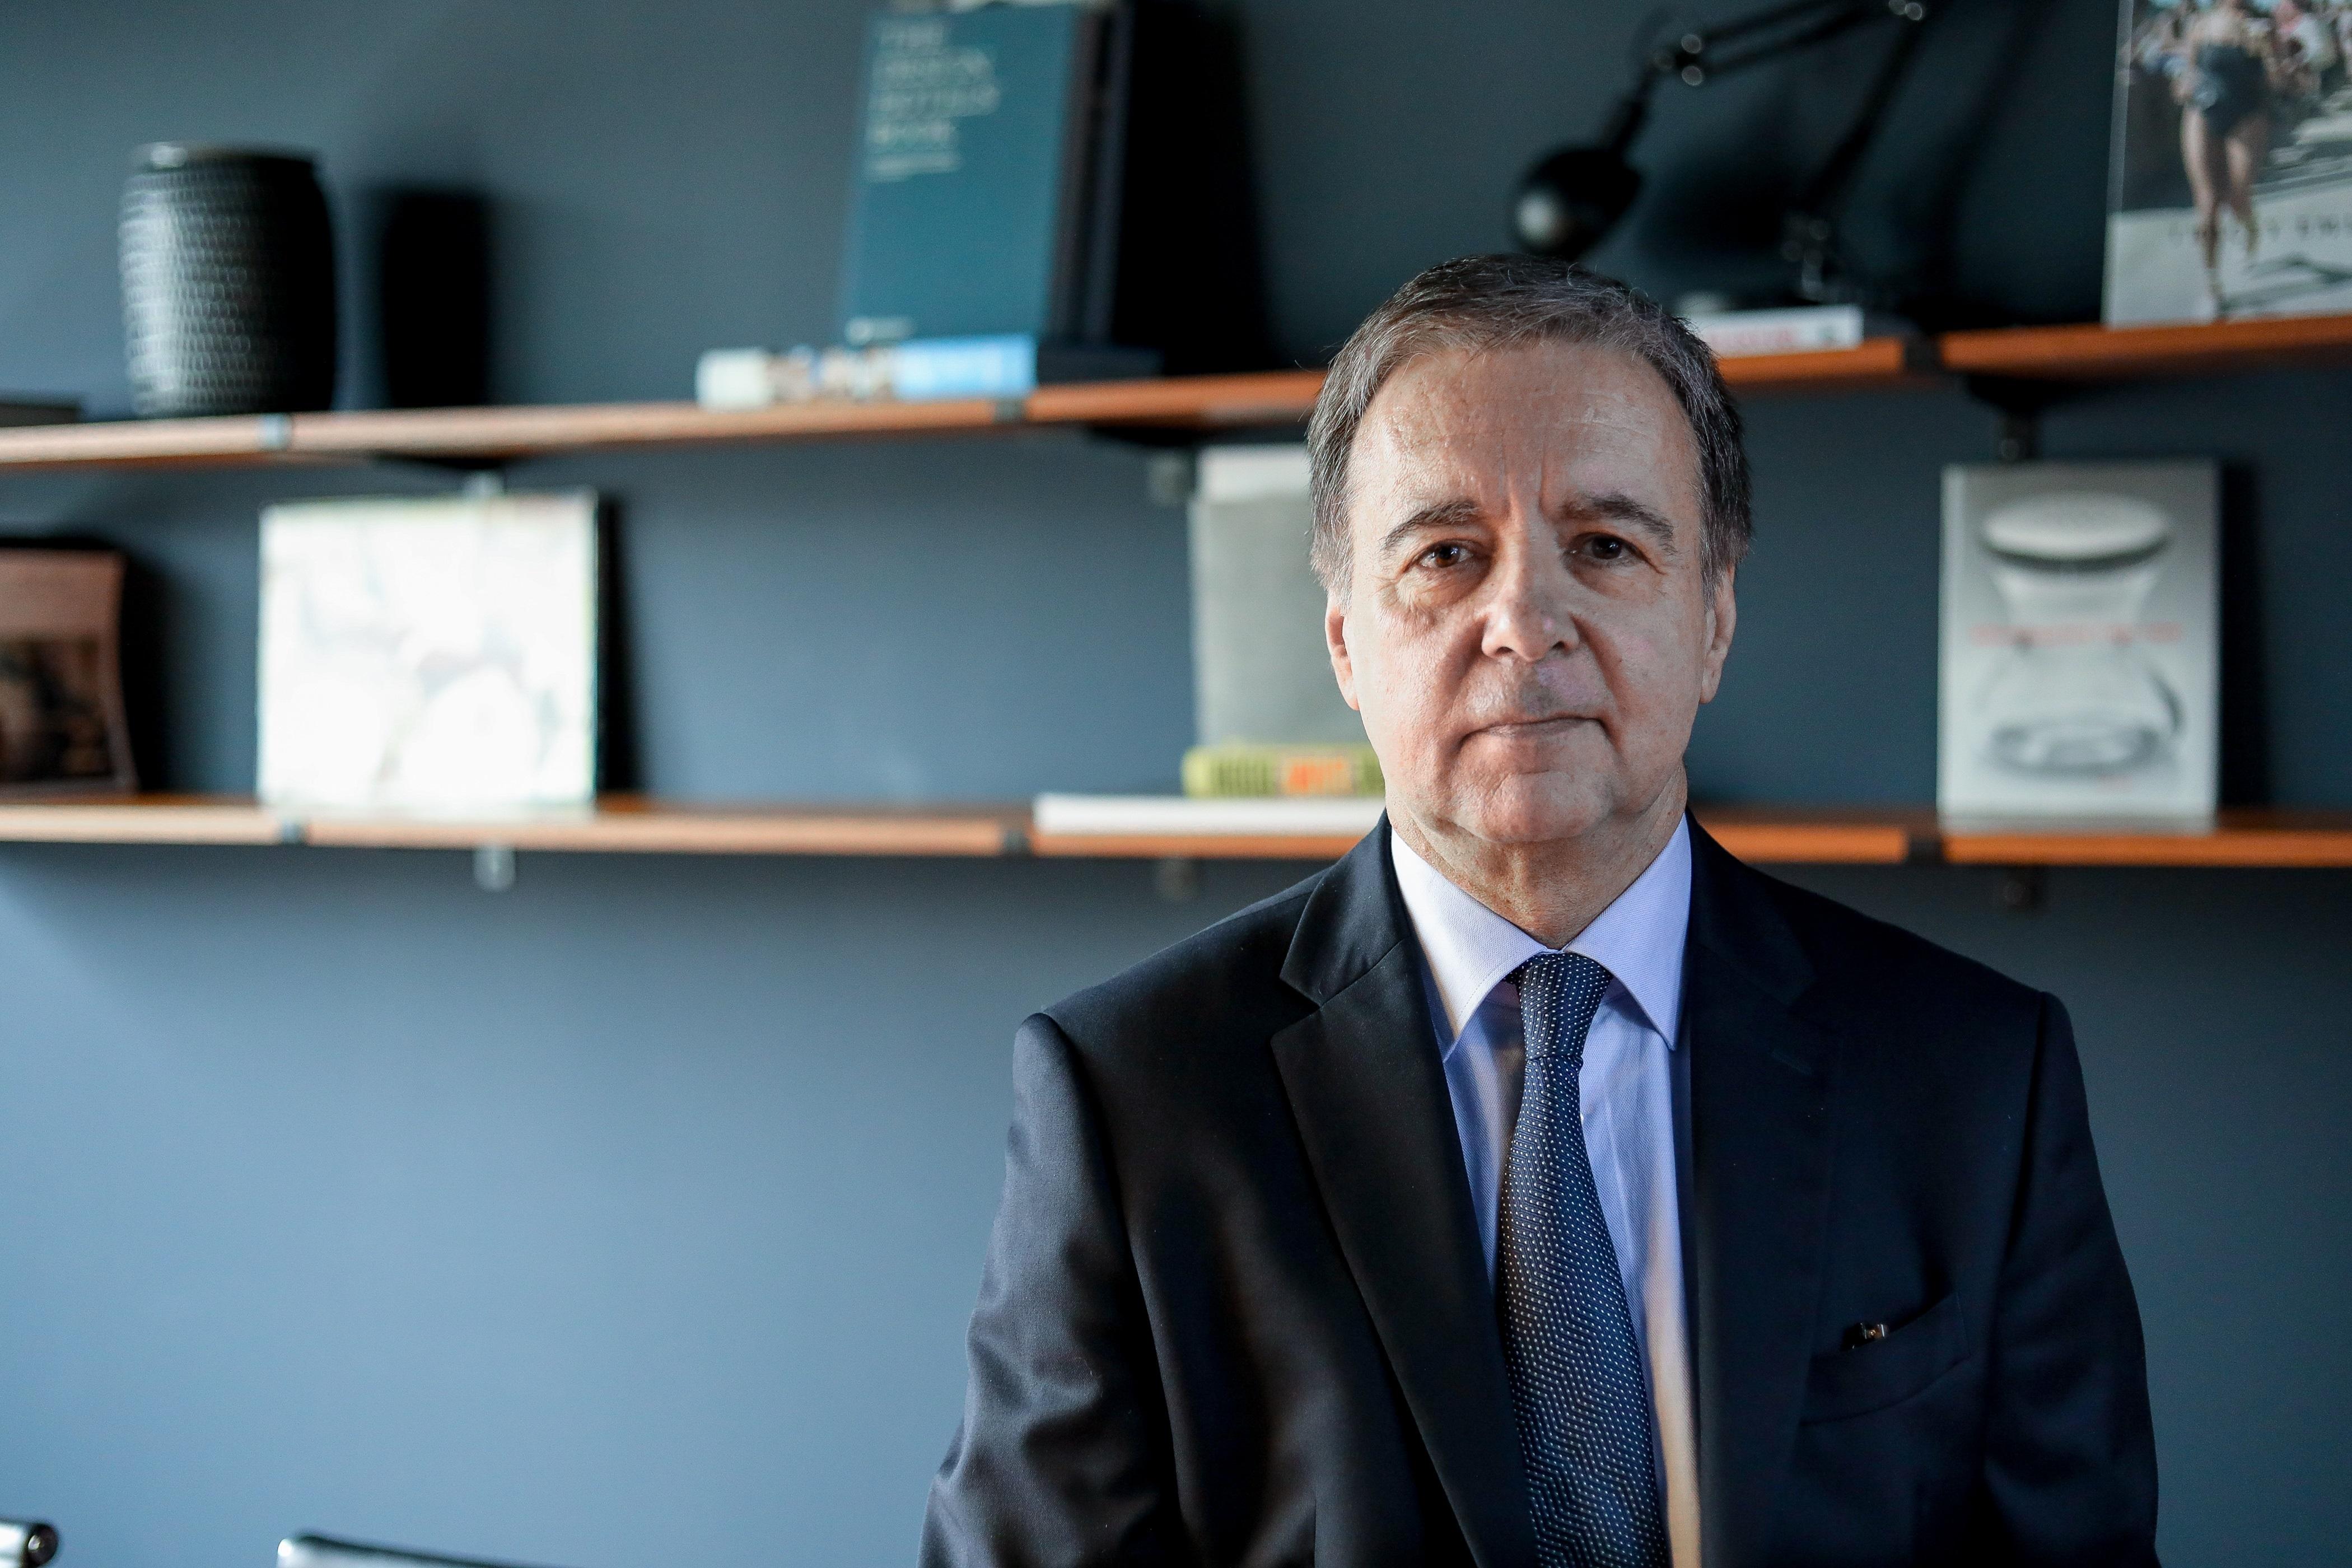 François Desnoyers est ancien journaliste et ancien directeur général de Radio France. Il est actuellement DG de l'agence Publics.